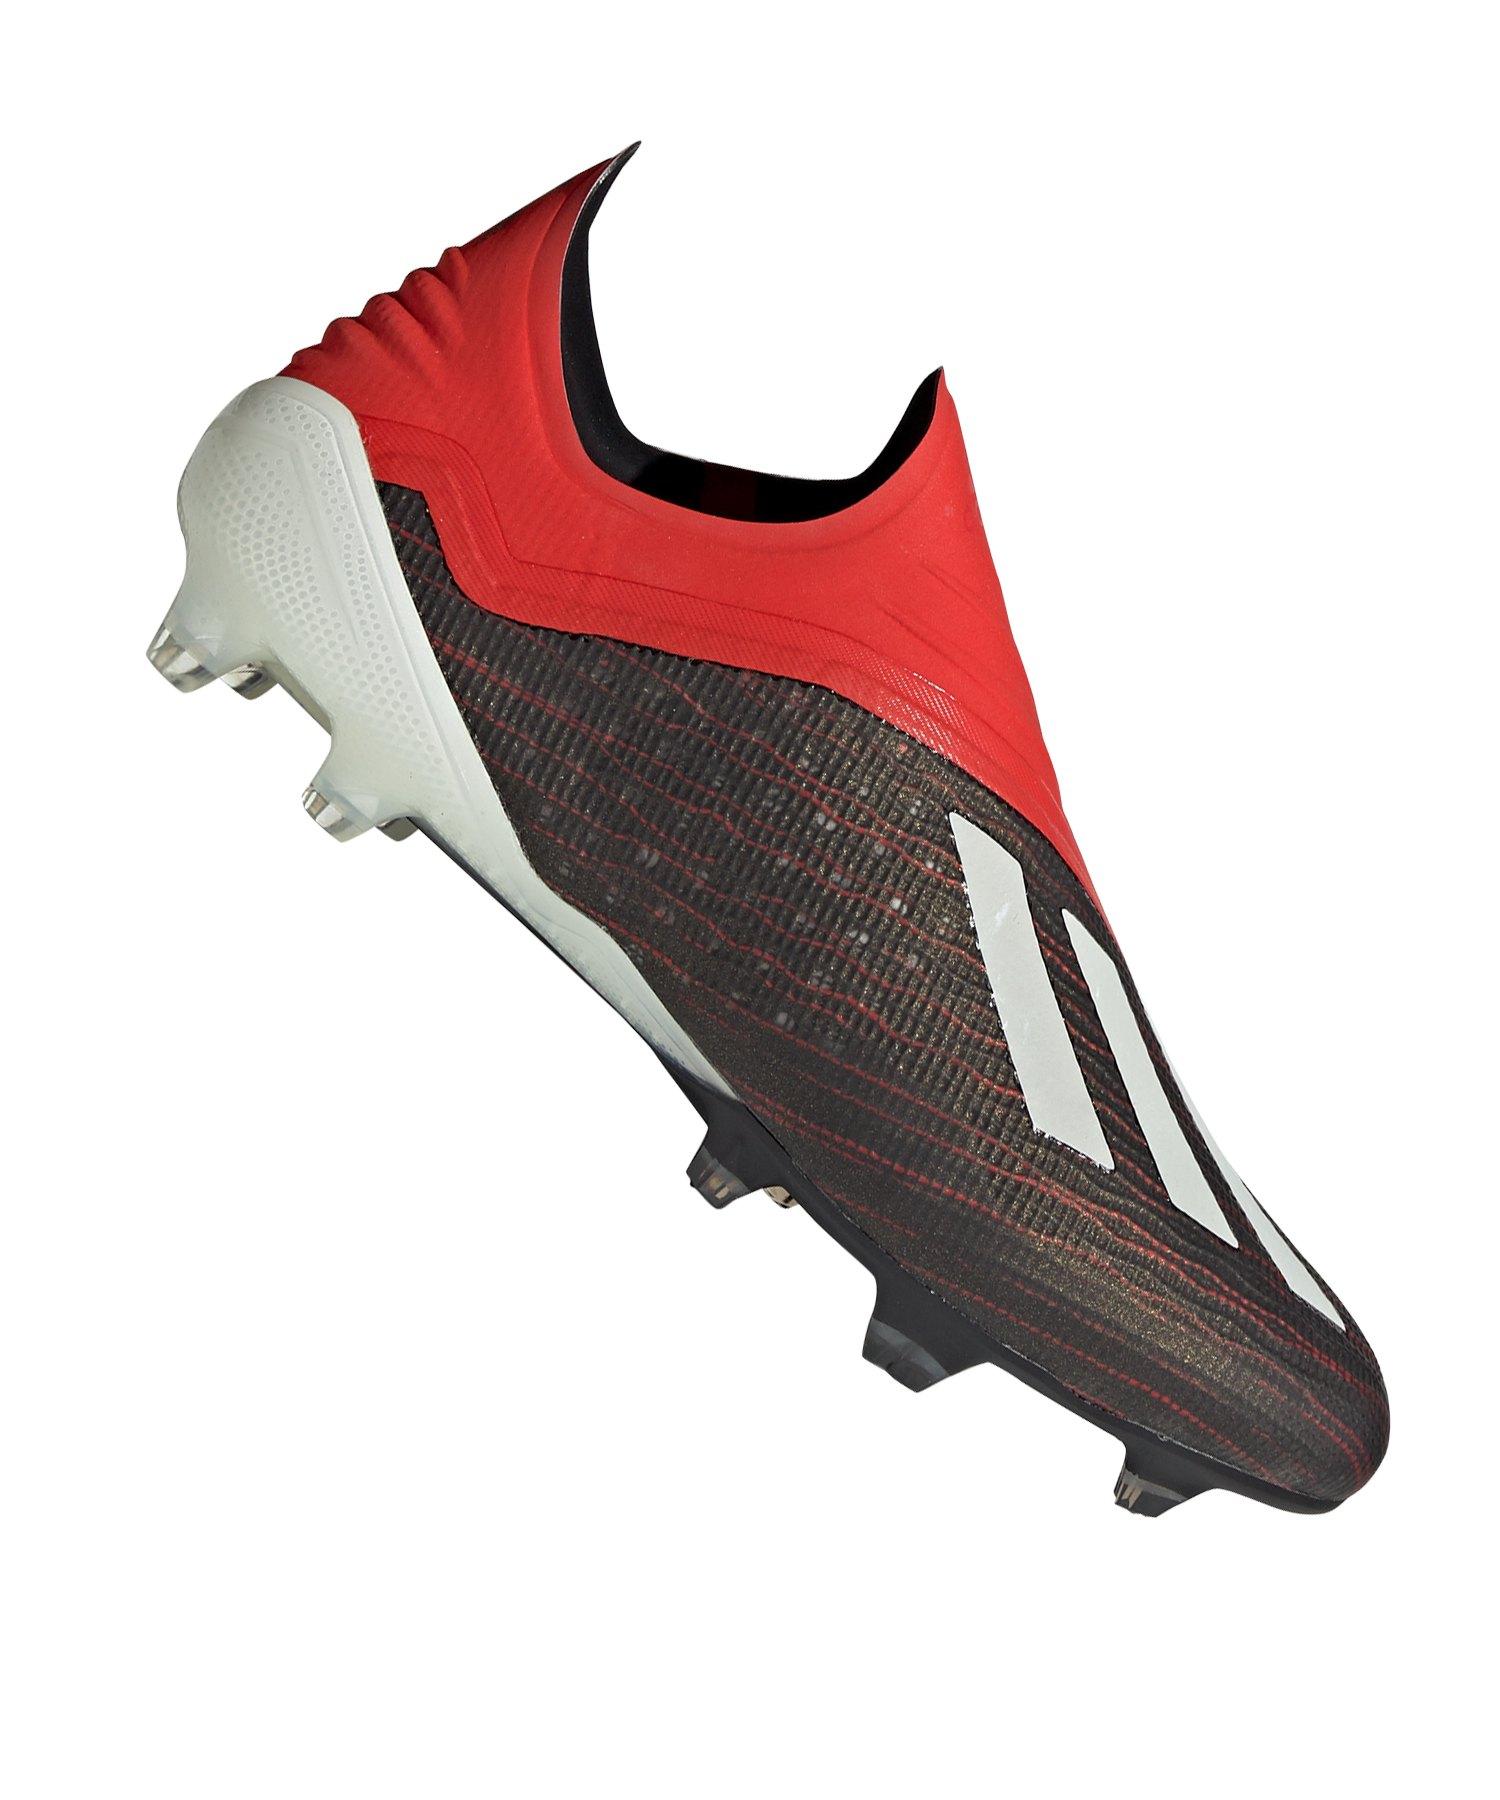 adidas X 18+ FG Schwarz Rot - schwarz